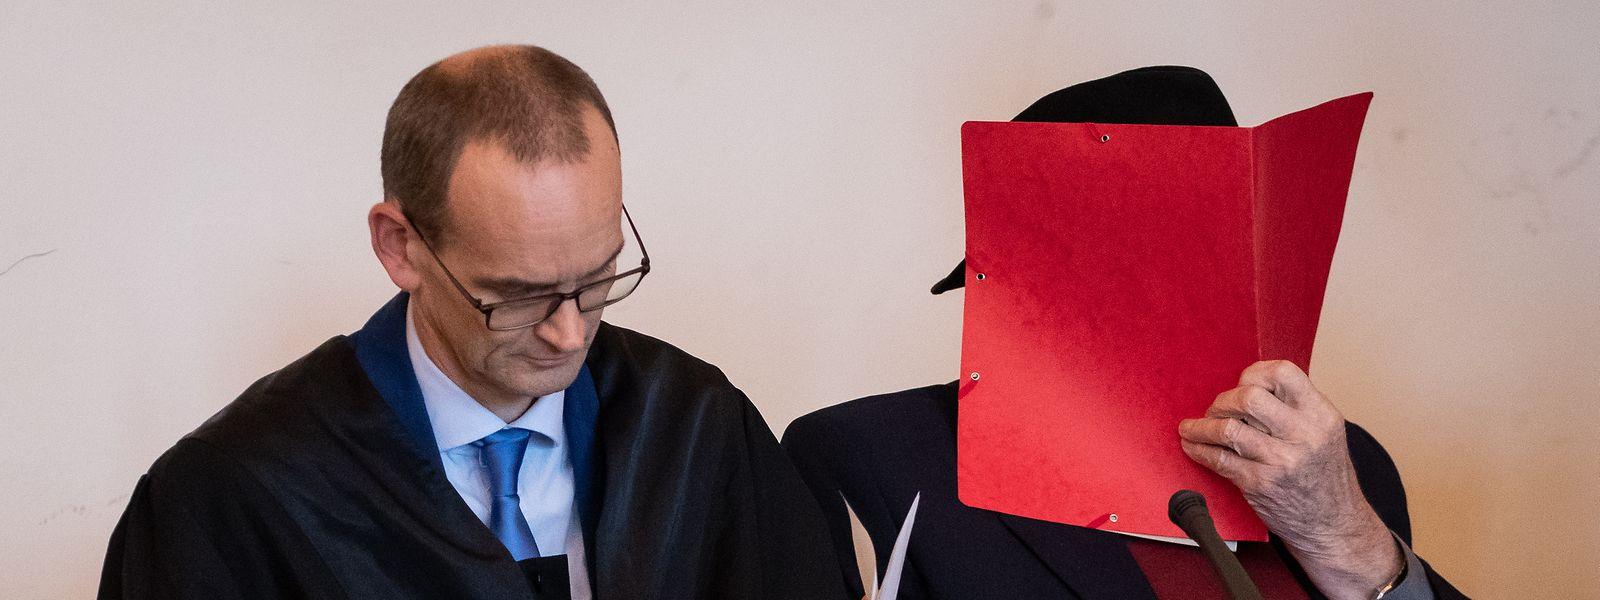 Der 93 Jahre alte ehemalige SS-Wachmann im Konzentrationslager Stutthof und sein Anwalt Stefan Waterkamp (l) sitzen vor Beginn eines weiteren Prozesstages im Landgericht. Die Staatsanwaltschaft wirft dem ehemaligen Wachmann vor, Beihilfe zum Mord an 5230 Menschen geleistet zu haben.